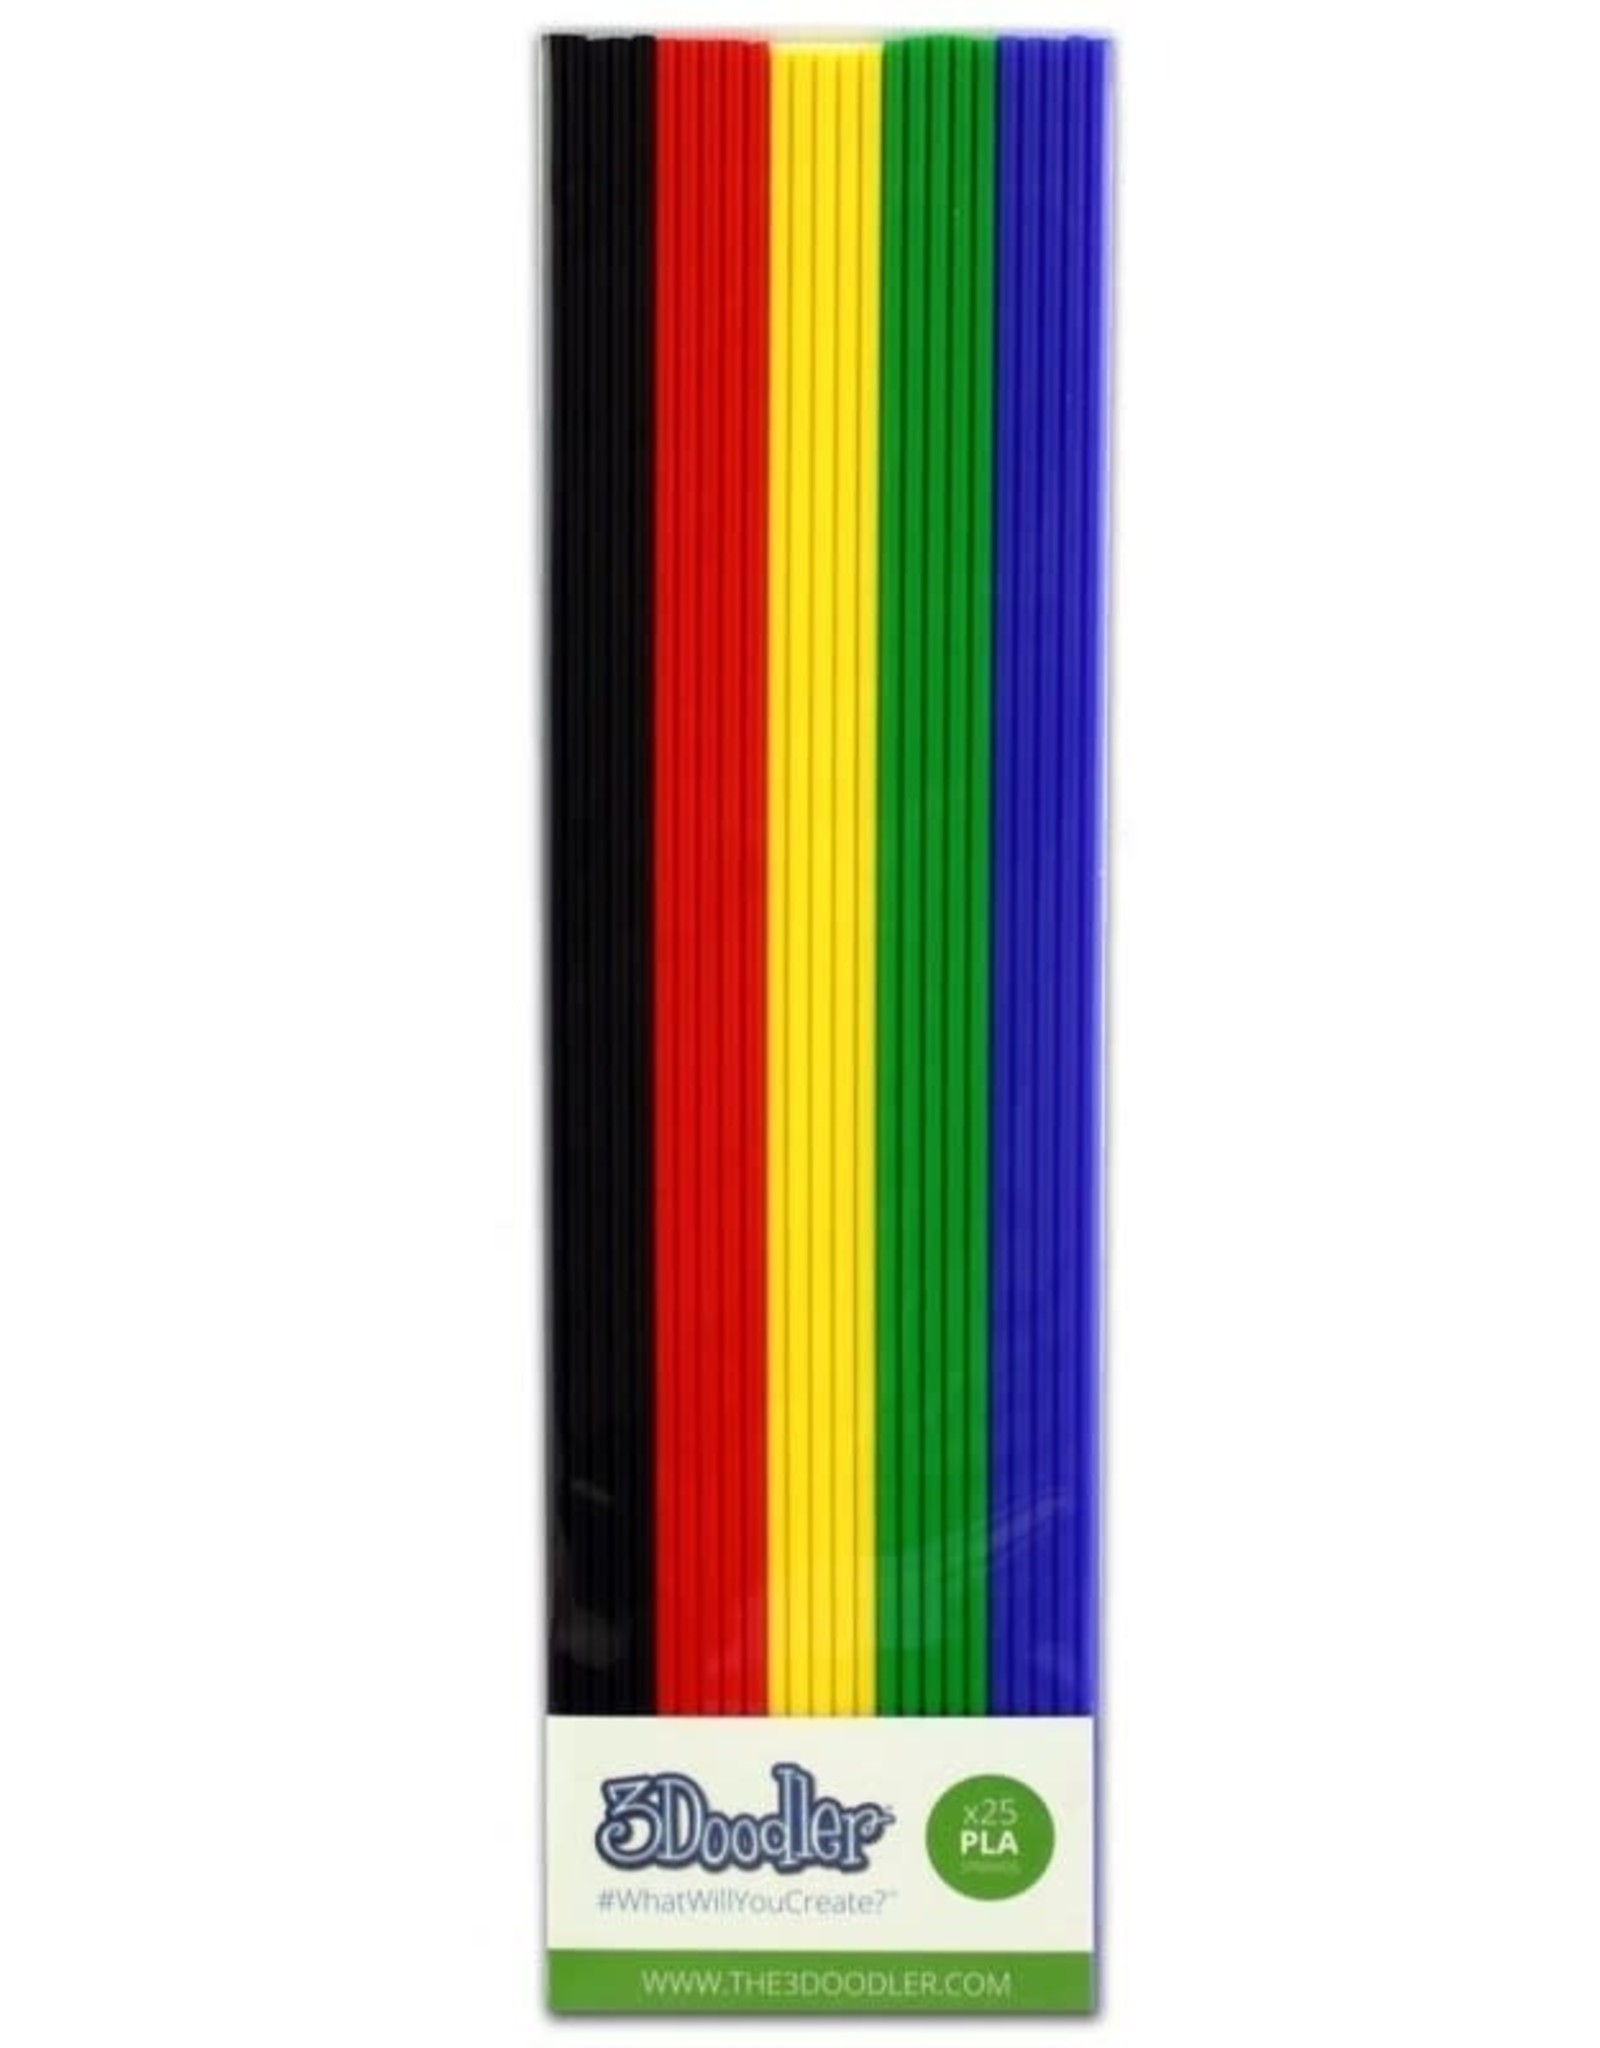 3Doodler Mix PLA - Essentials 13DPPLMIX1